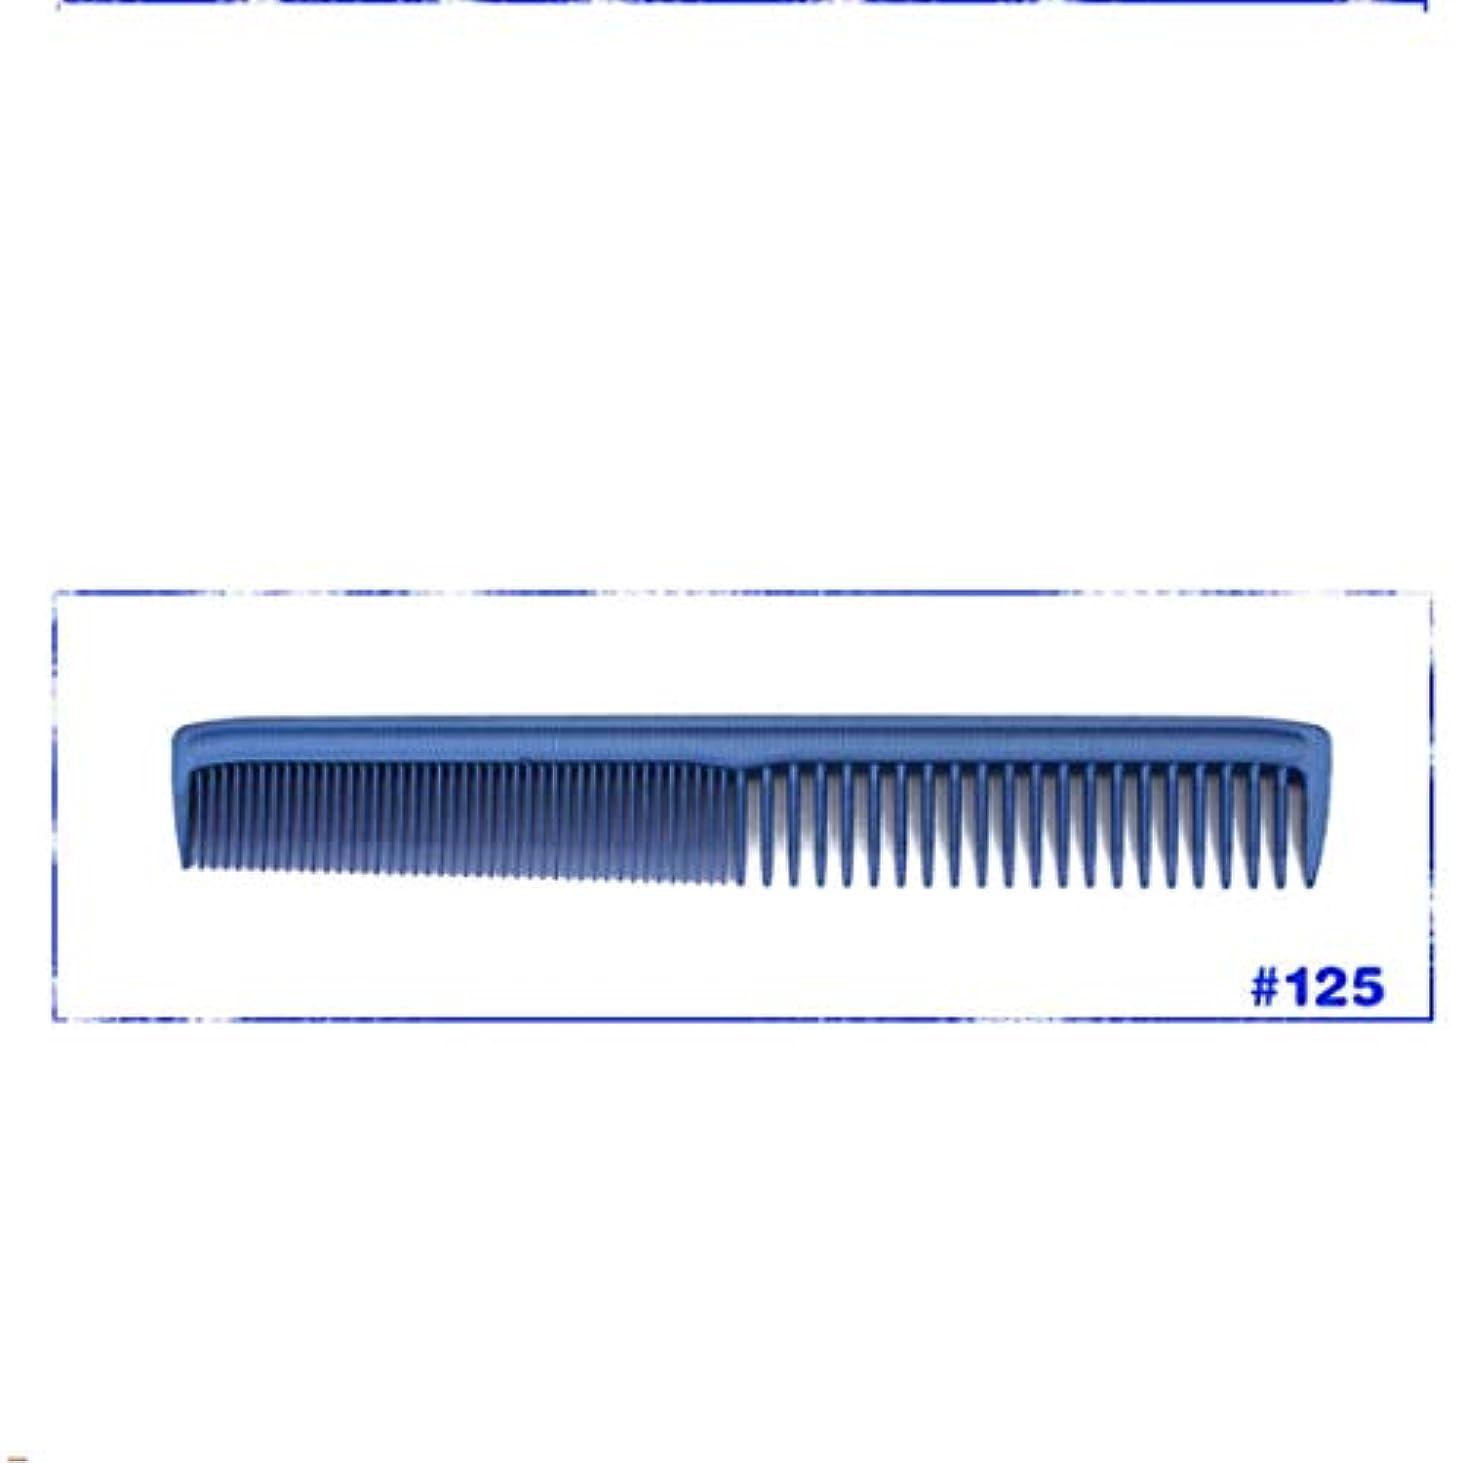 削減お父さん残忍な人のための超薄いハンドルの櫛または女性または人のプラスチック櫛のためのWome-Professional 3Dの毛の櫛 モデリングツール (サイズ : 121)